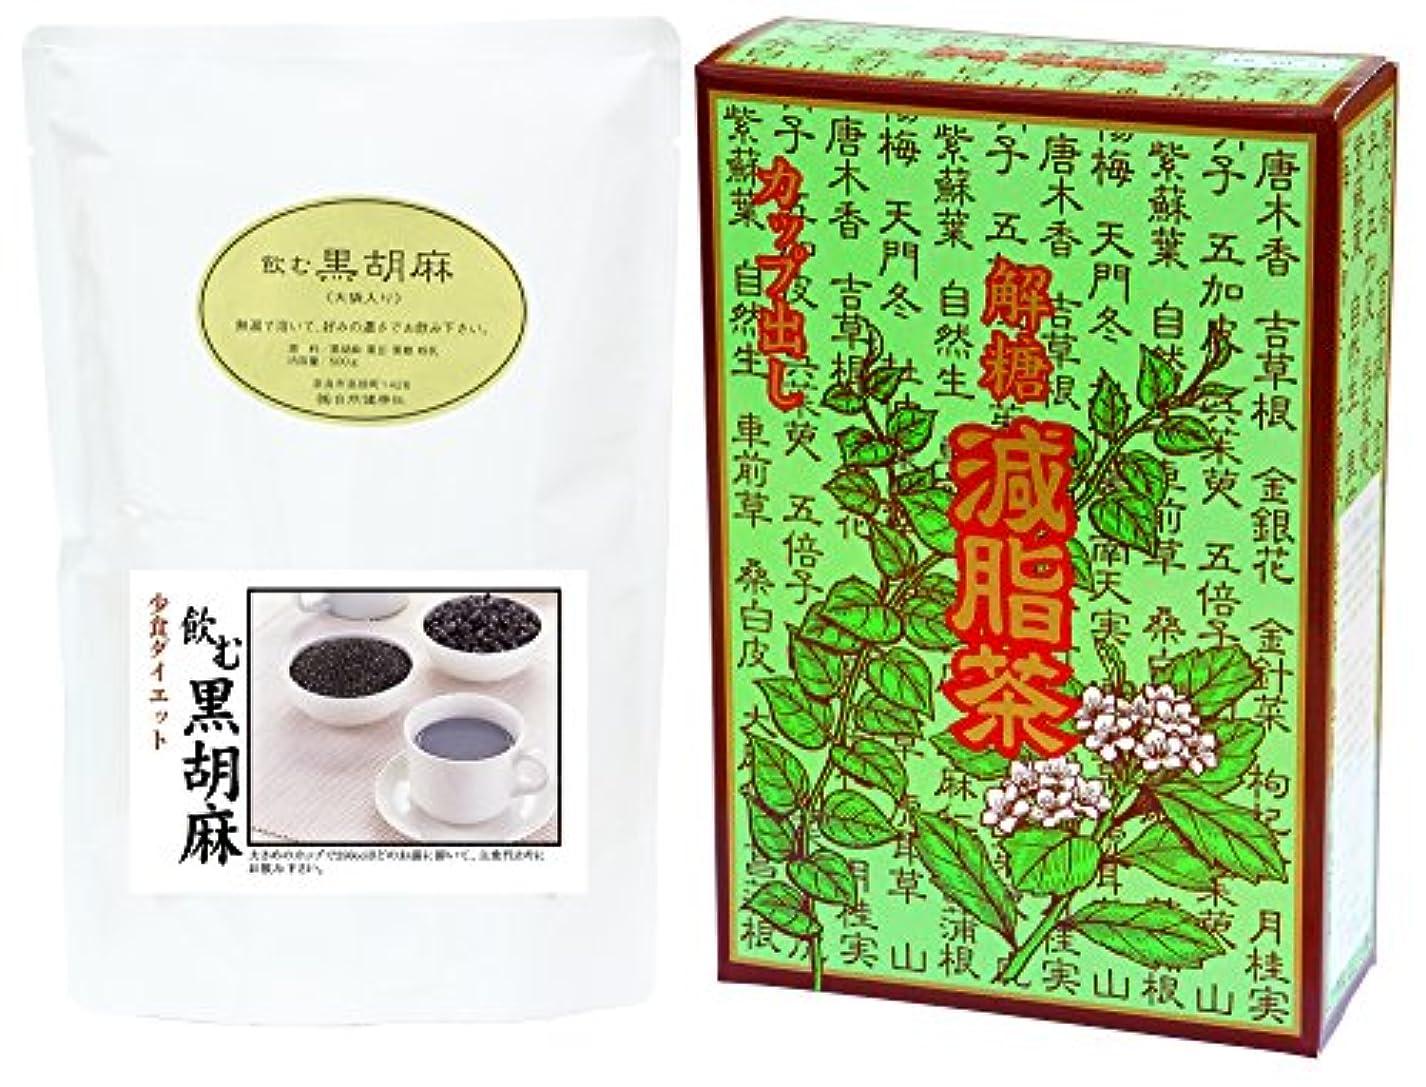 グラス人工支援自然健康社 飲む黒胡麻?大袋 500g + 減脂茶?箱 60パック